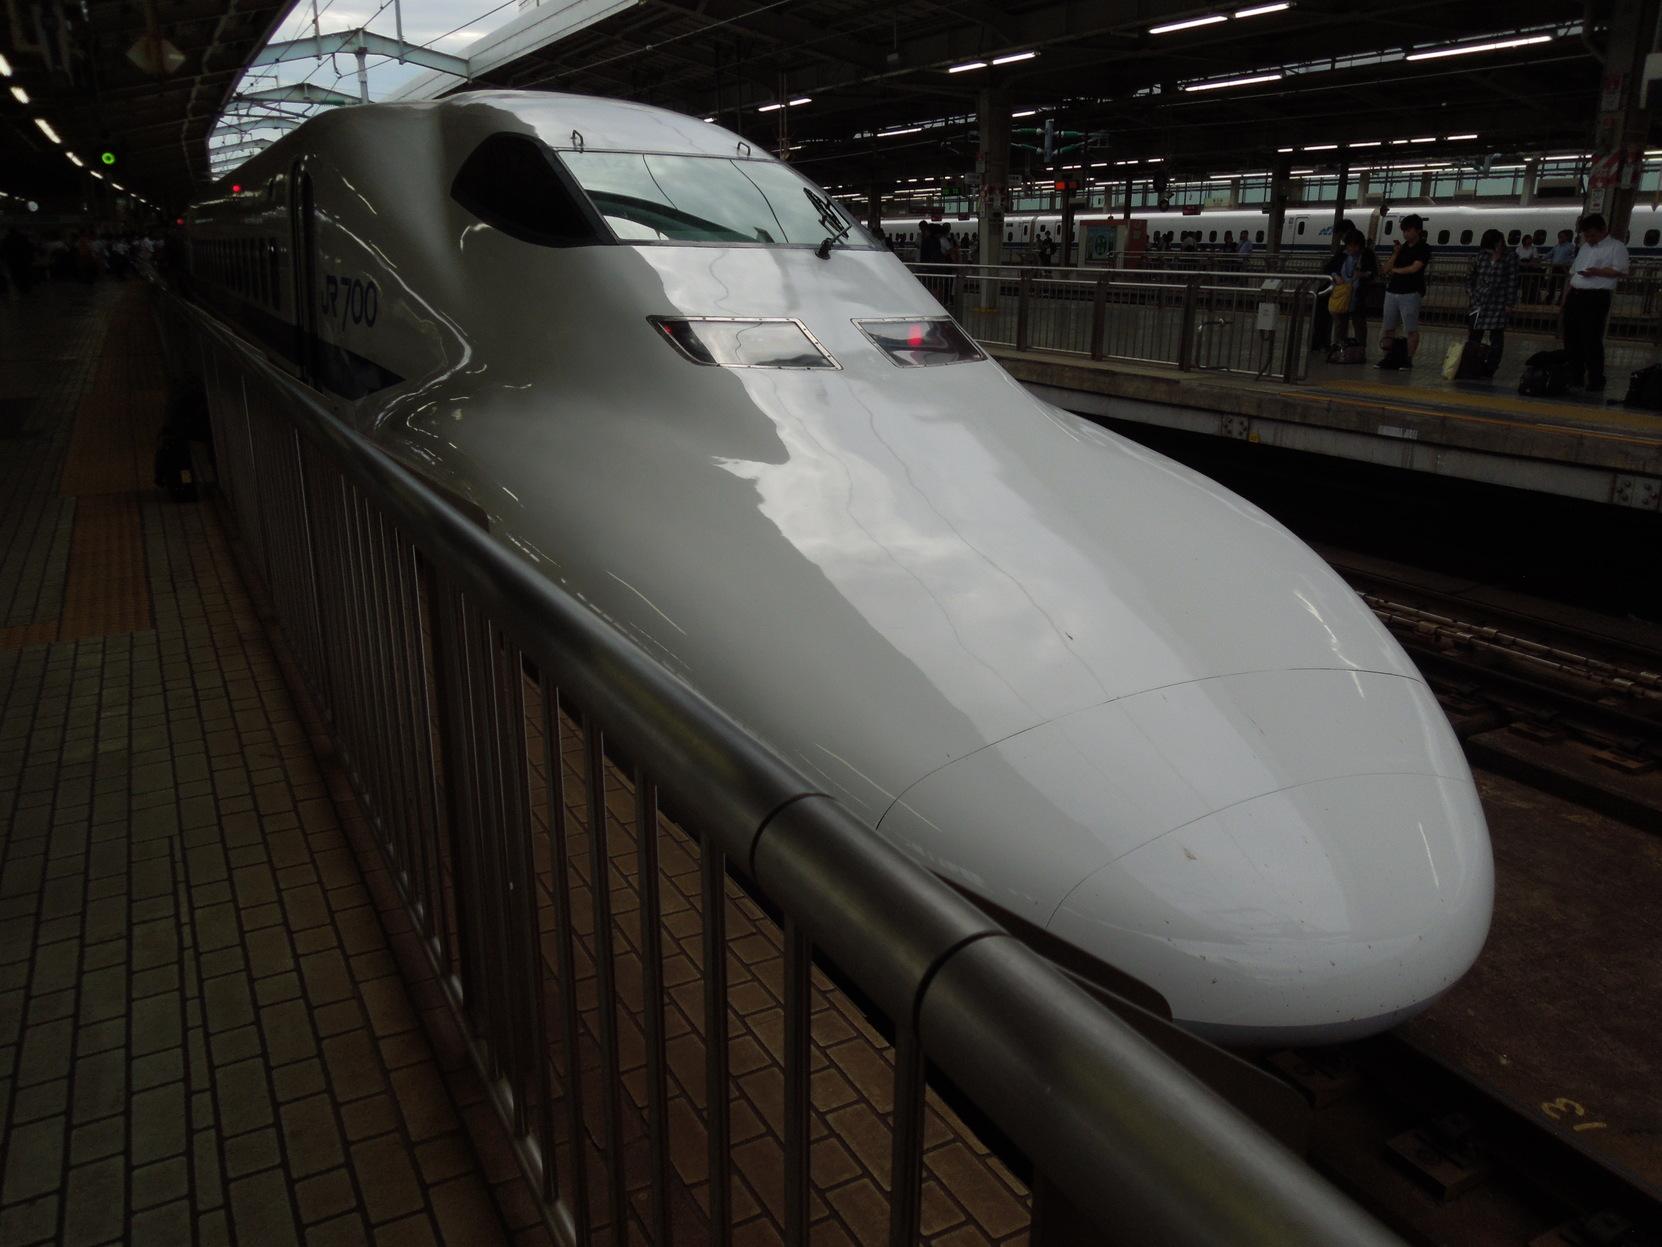 デリカ ステーション 新横浜駅 新幹線のりば(東口)・東乗換口改札内コンコース店